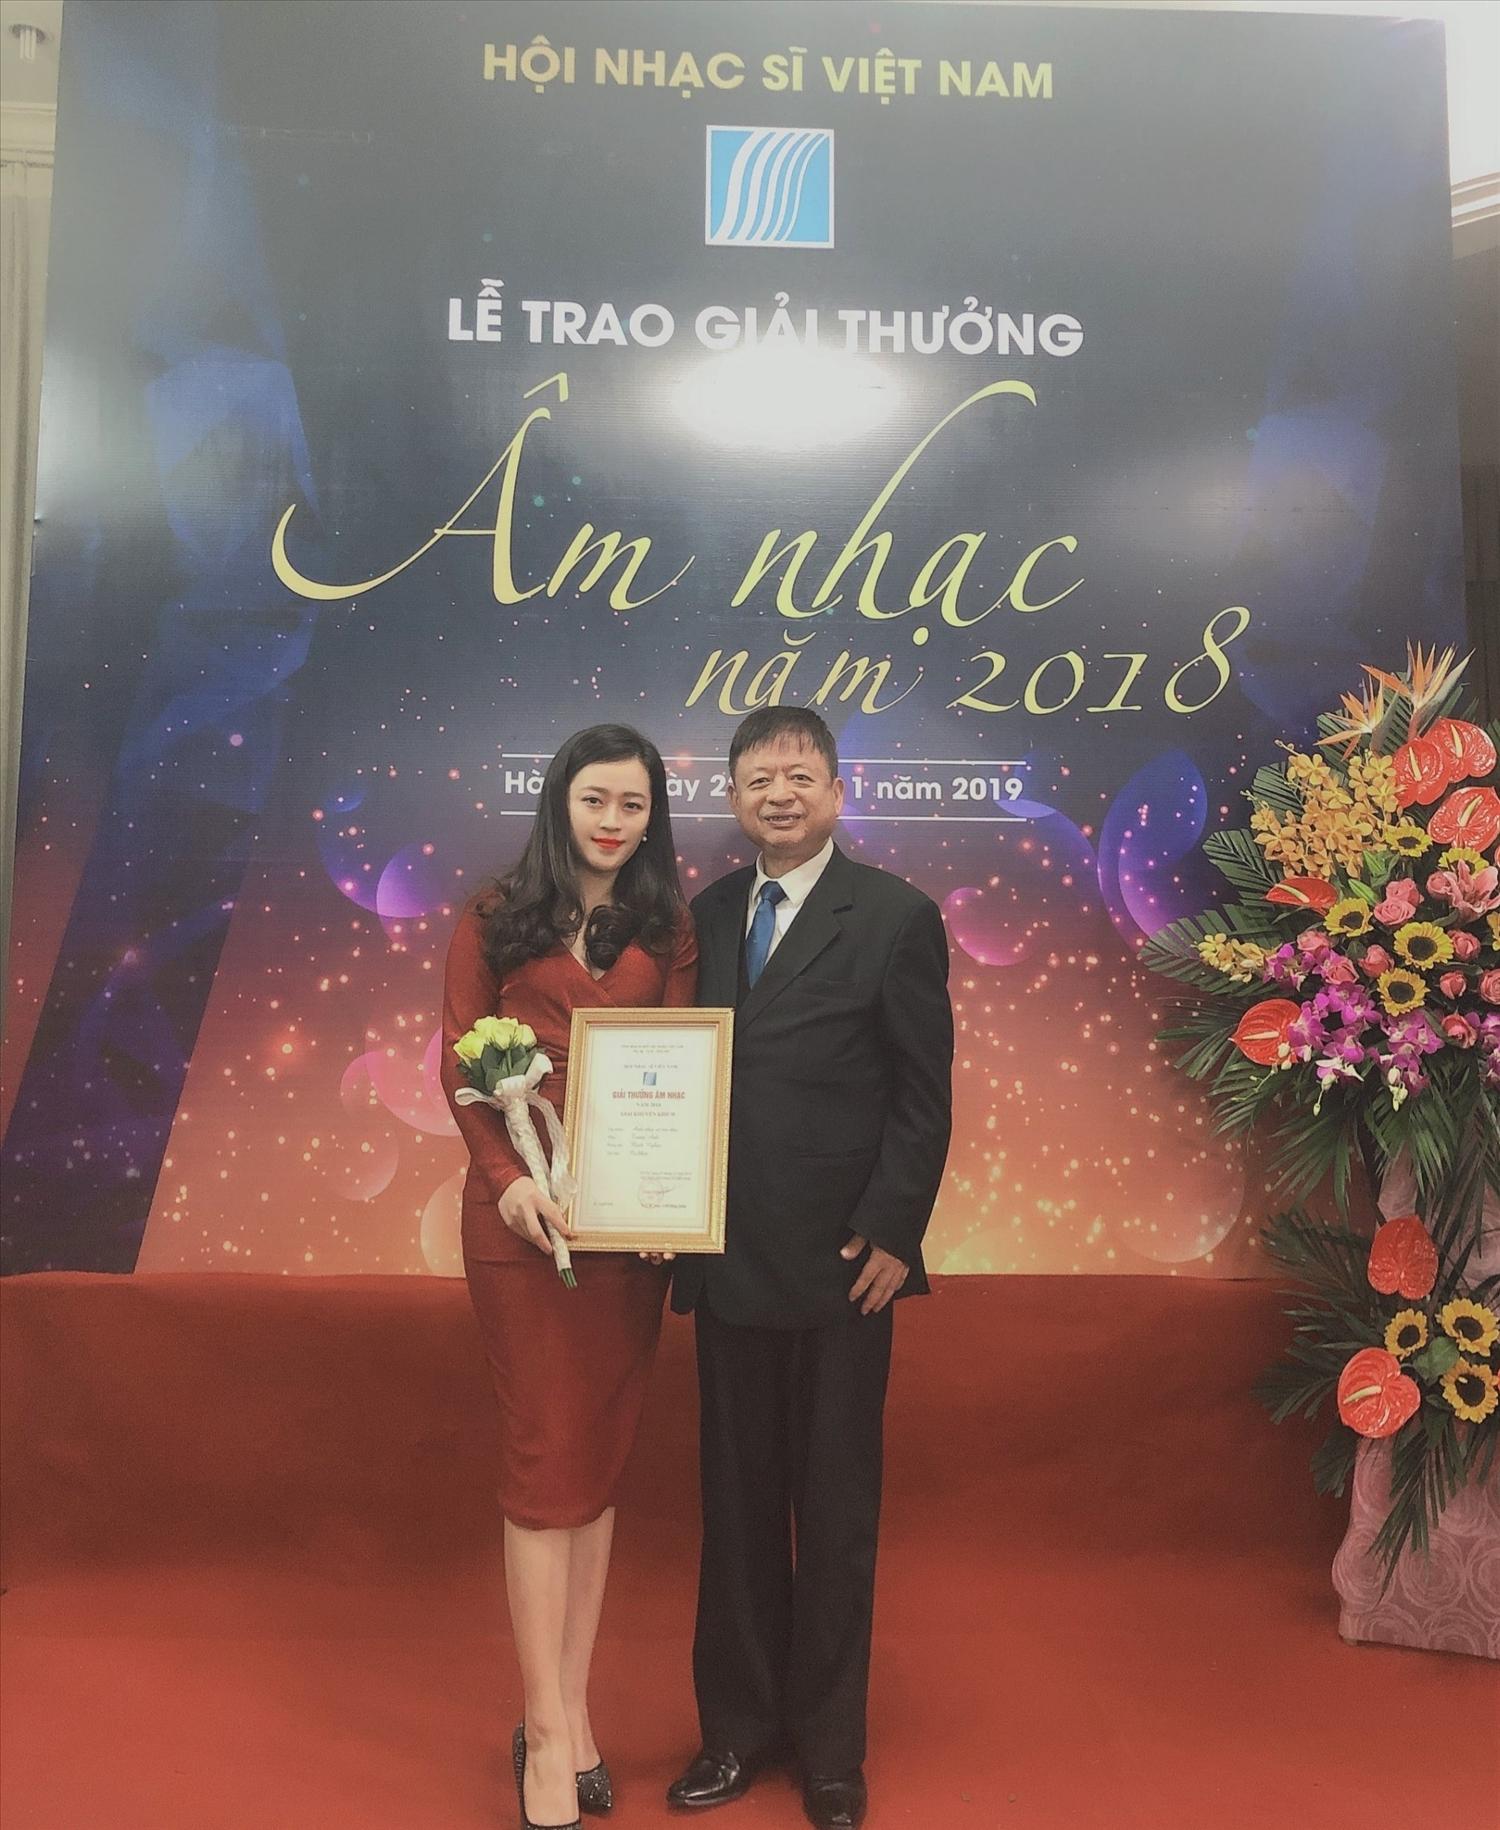 Nhạc sĩ Đỗ Hồng Quân, Chủ tịch Hội Nhạc sĩ Việt Nam trao giải thưởng cho nhạc sĩ trẻ Trang Anh.